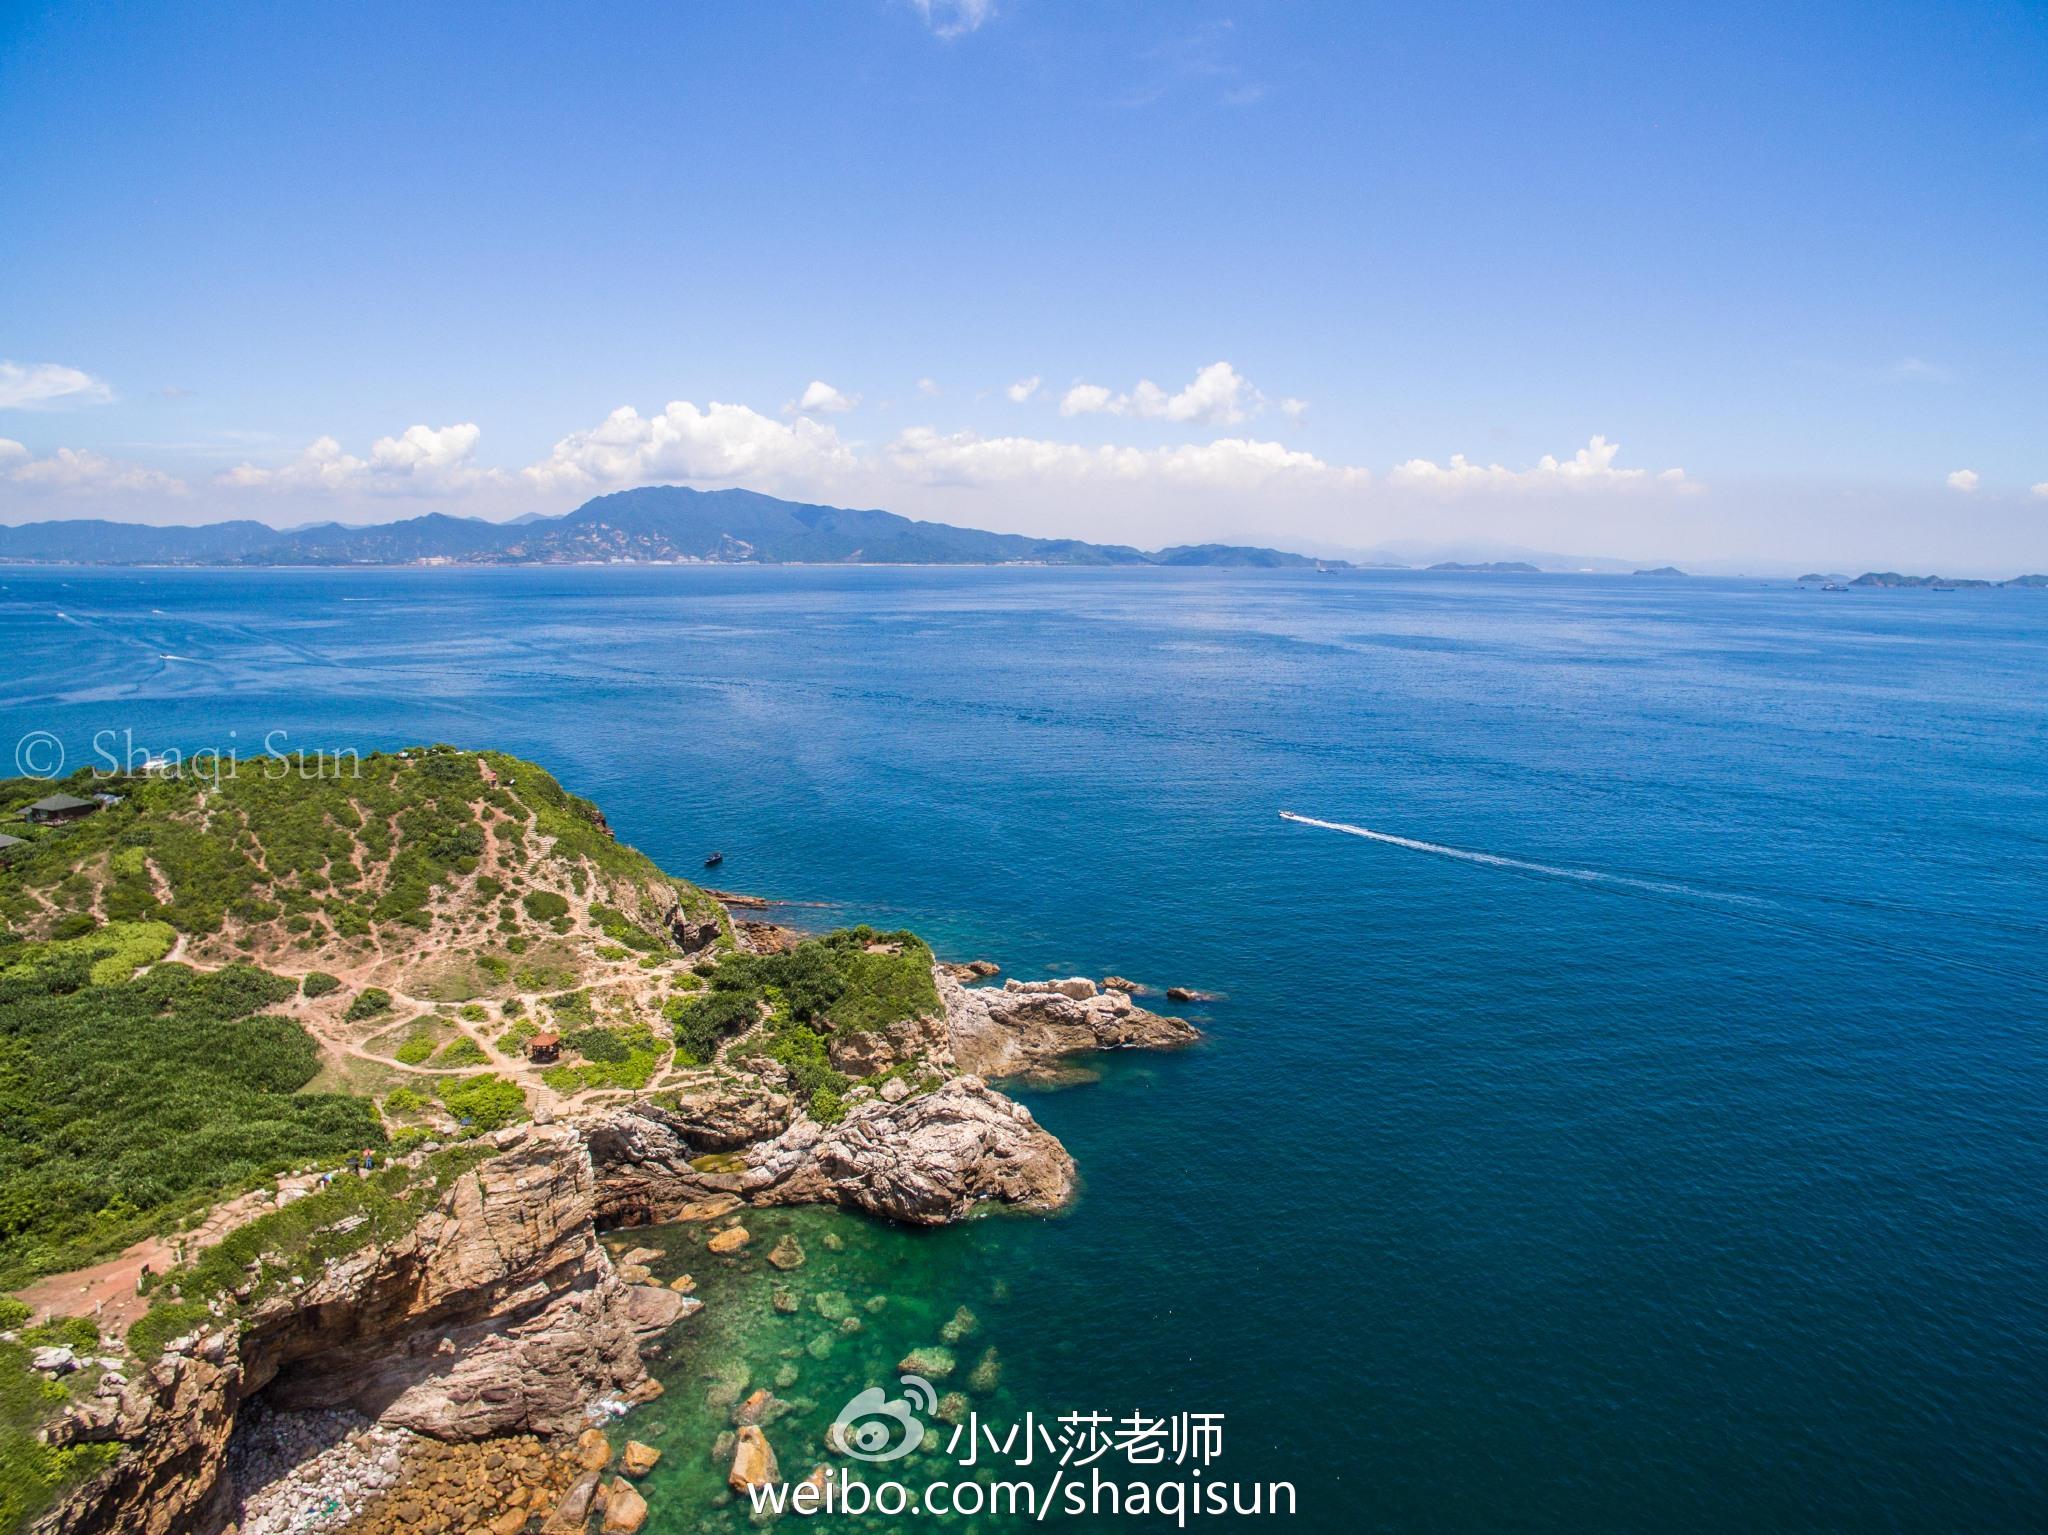 深圳,去一片宁静的海湾乐享周末